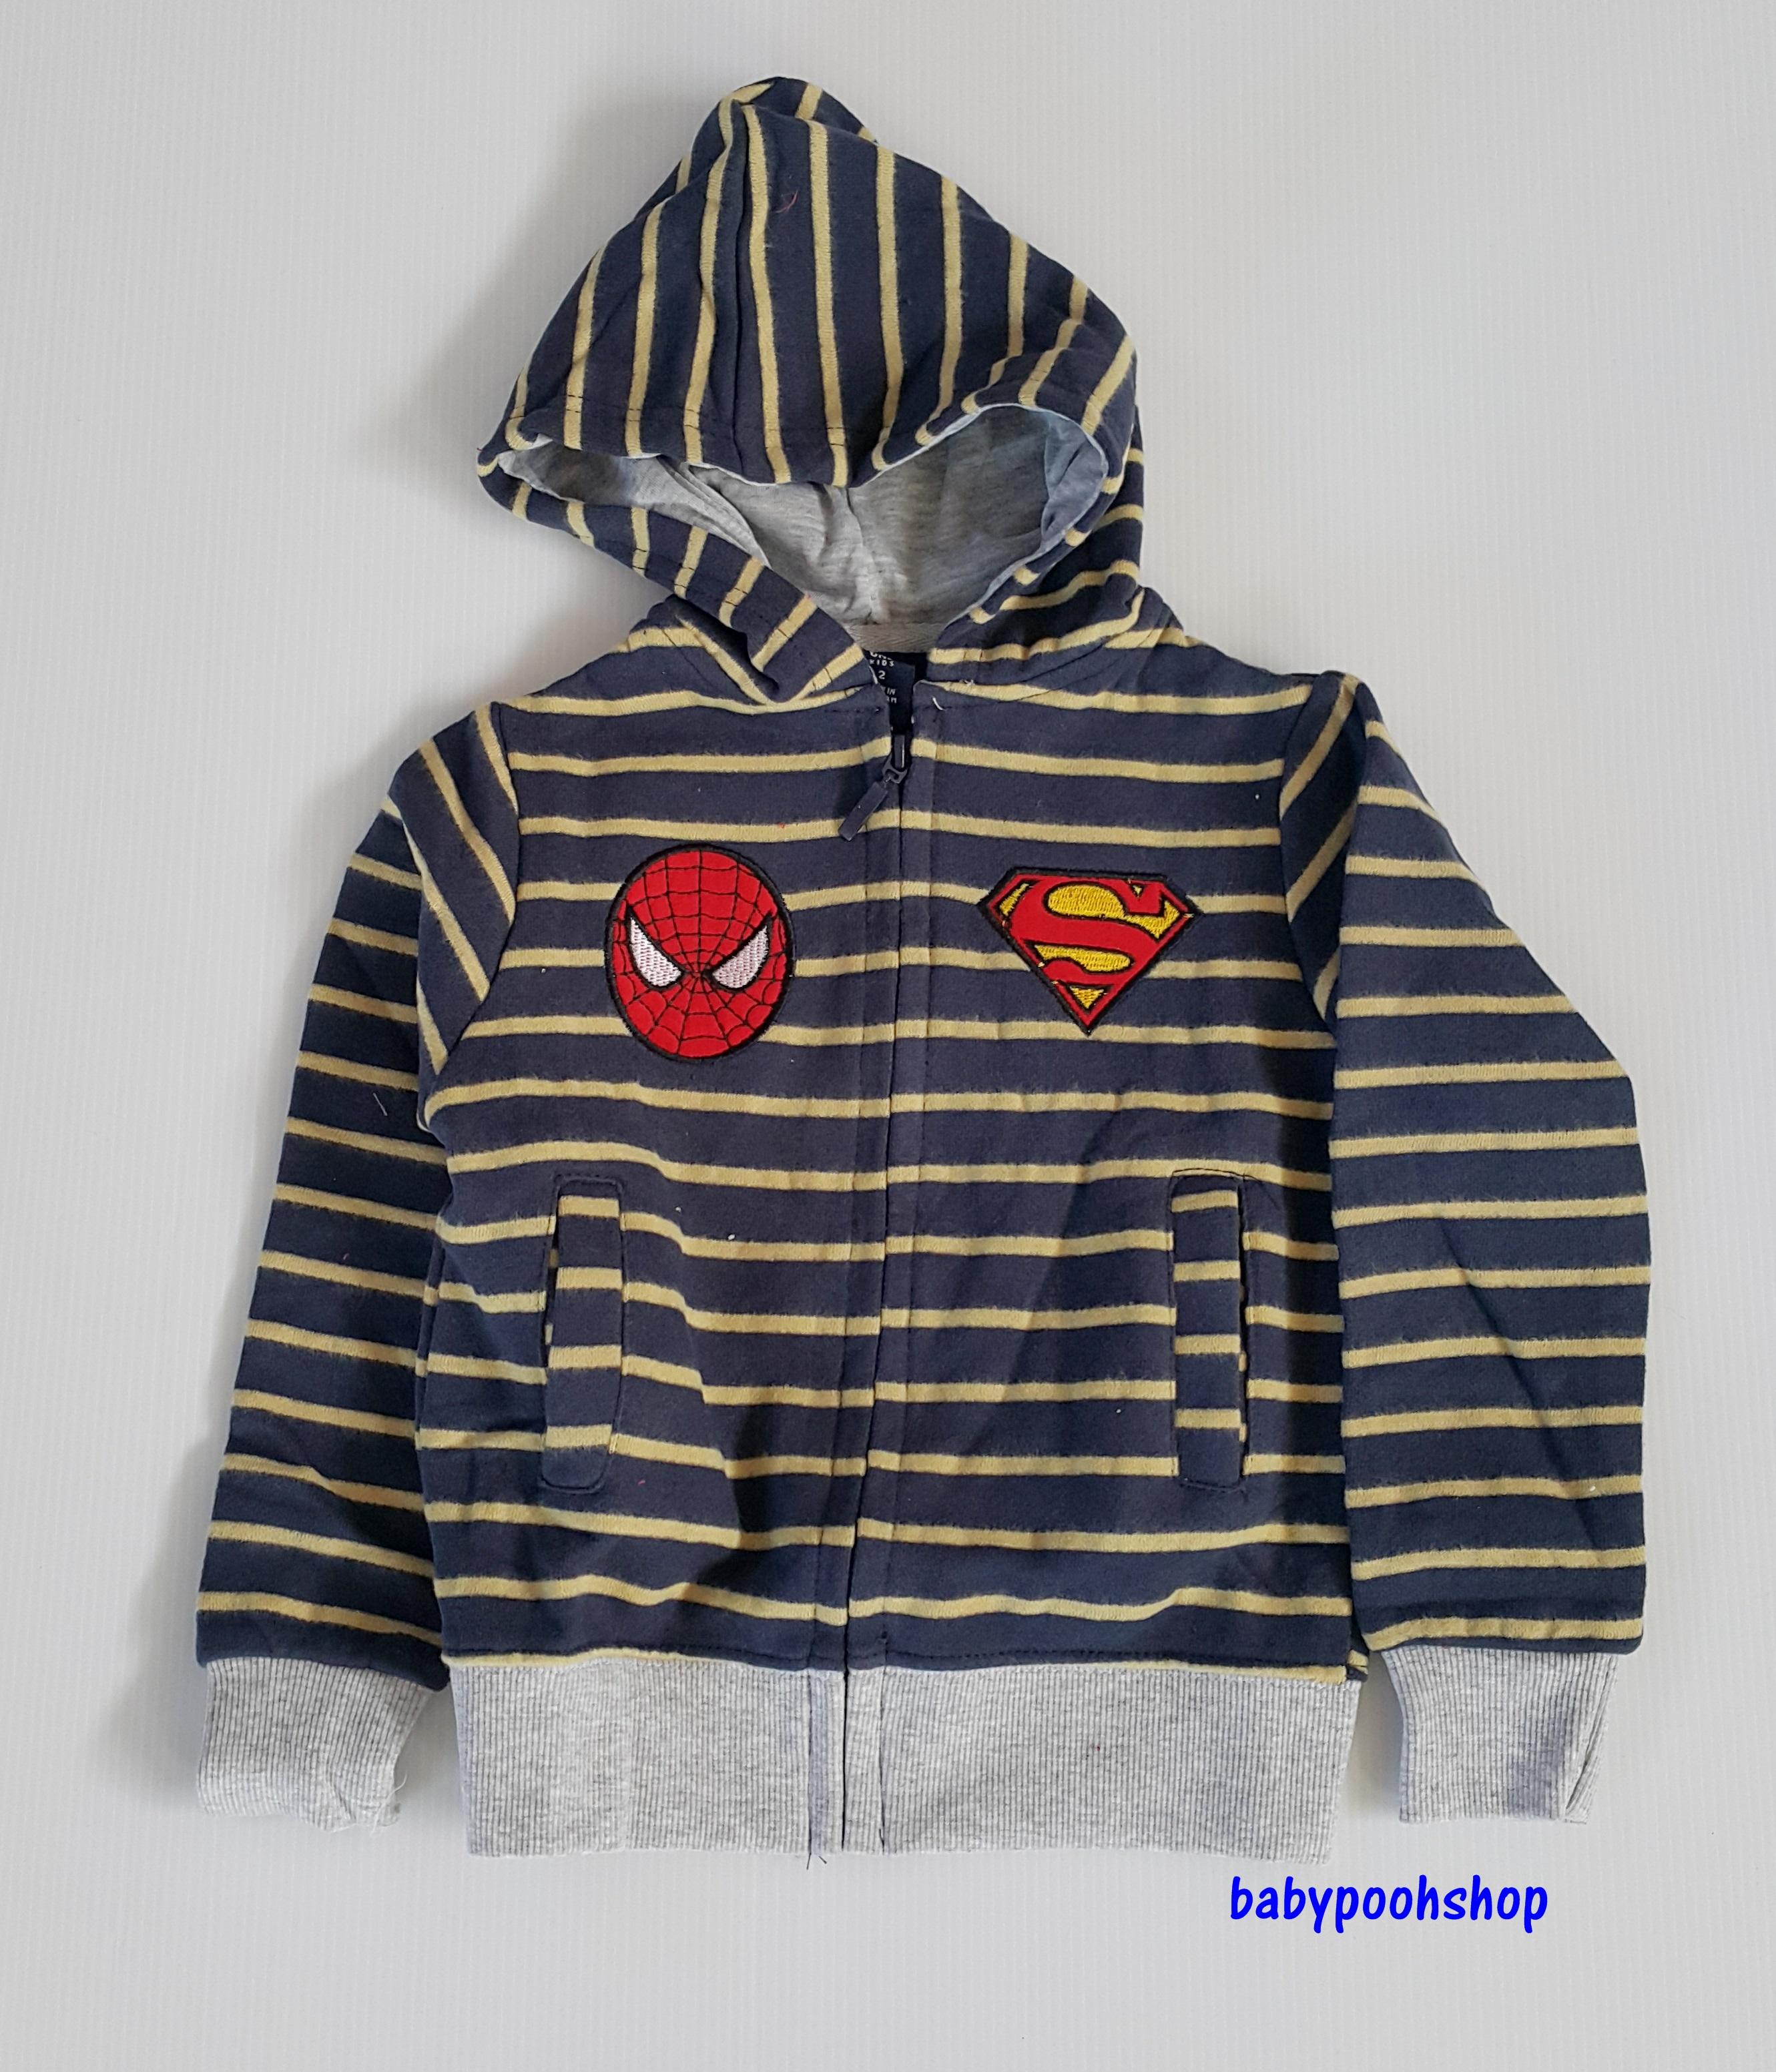 แจ็คเก็ทกันหนาว ซิปหน้า ลายขวาง ปักโลโก้ spiderman&superman สีกรมคาดเหลือง size : 2y / 3y /5y / 6y / 7y / 8y